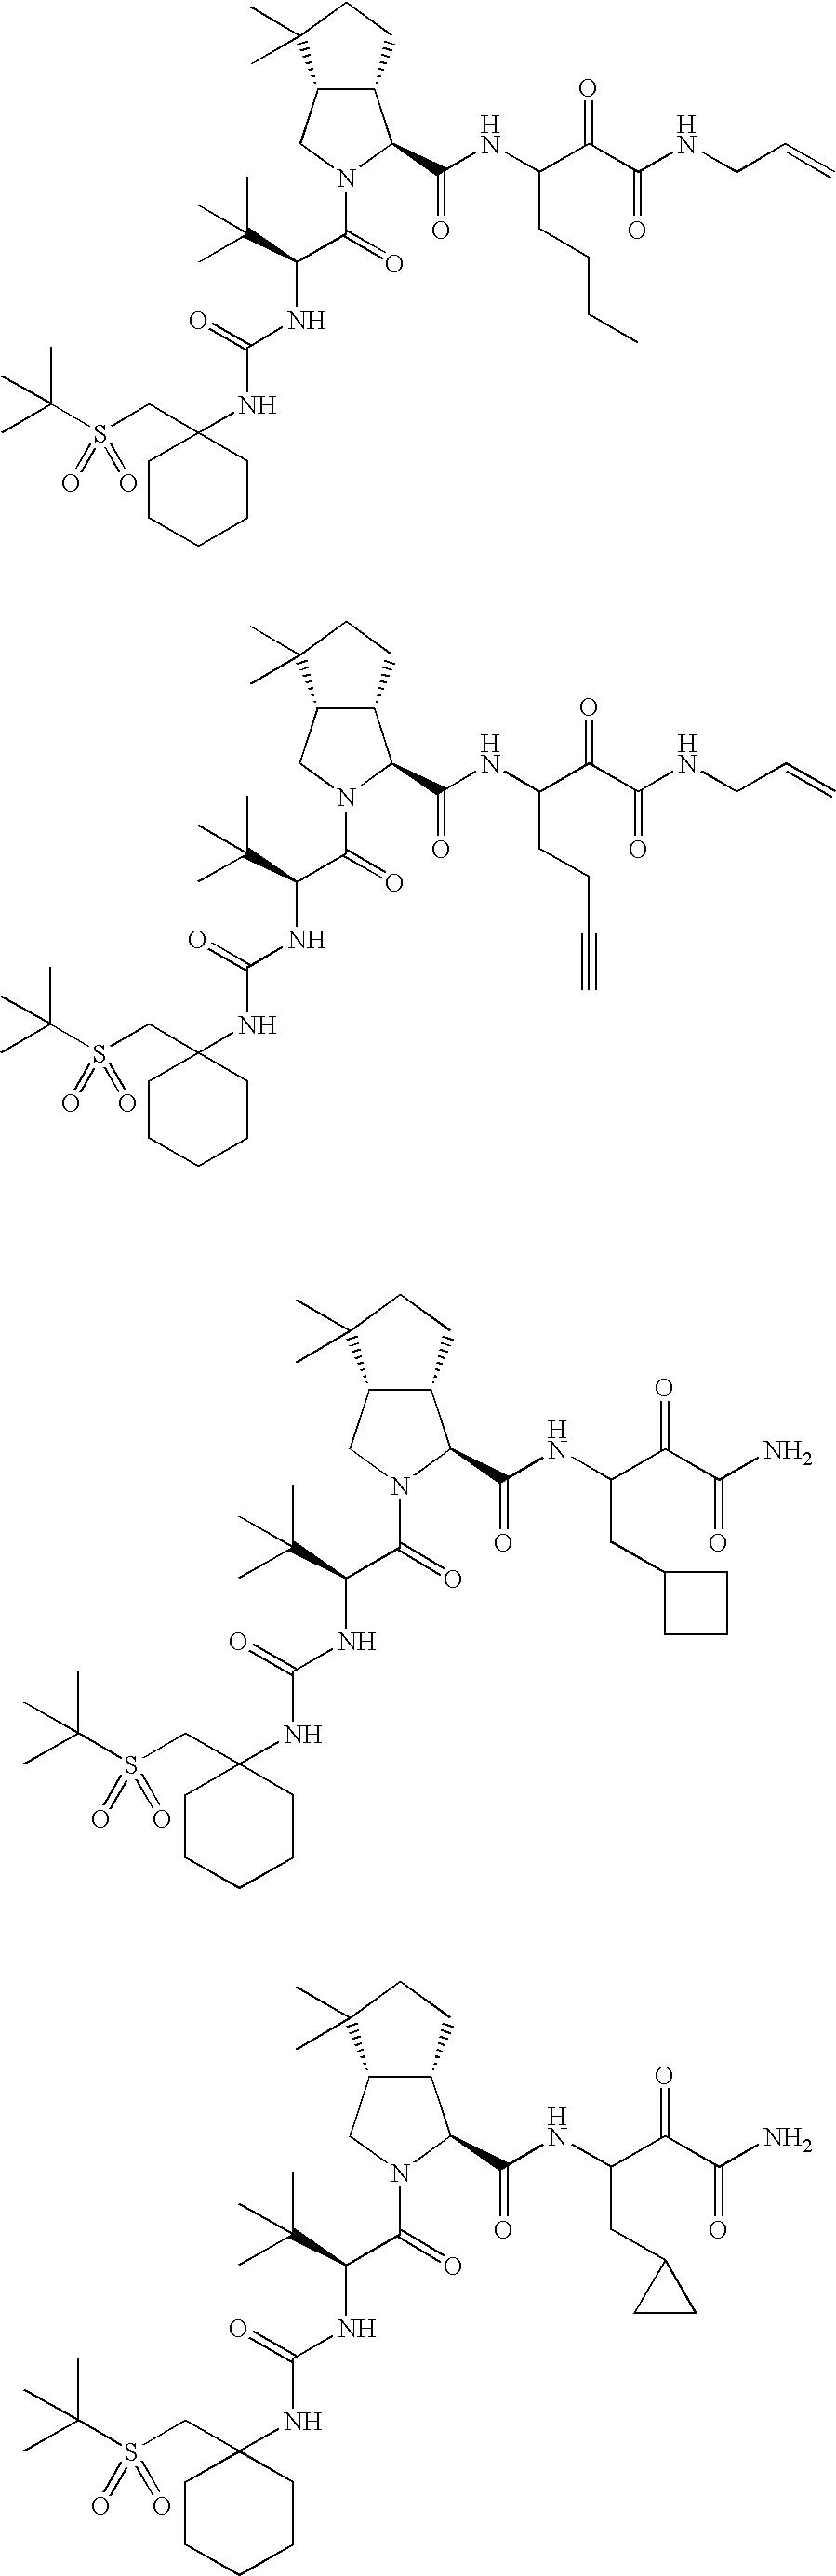 Figure US20060287248A1-20061221-C00520